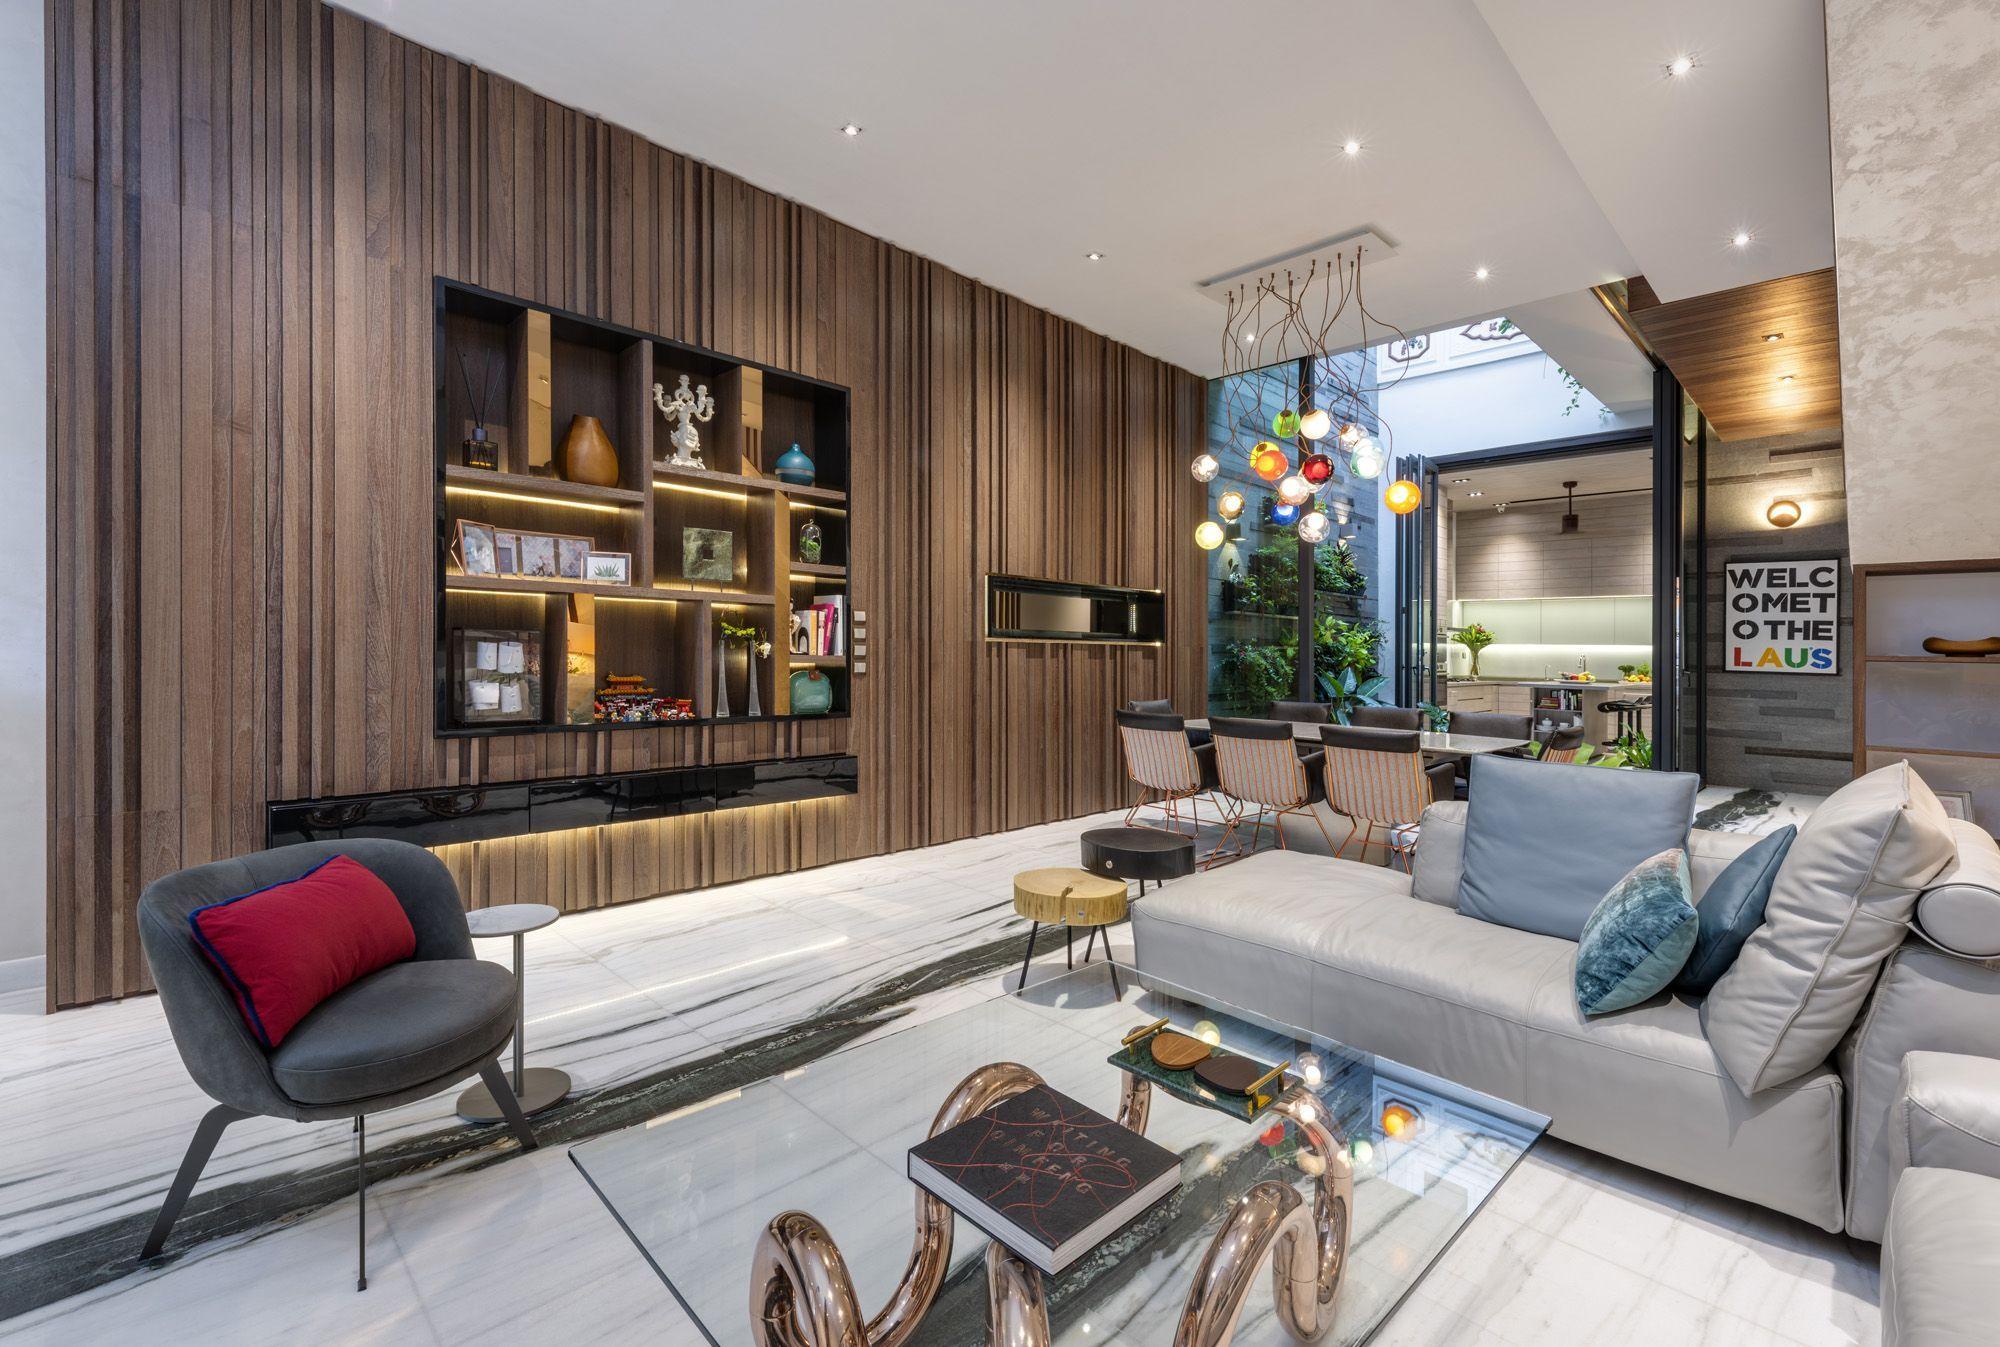 Der verspielte Couchtisch und das markante Beleuchtungselement verleihen dem Wohnzimmer eine Prise Lebendigkeit